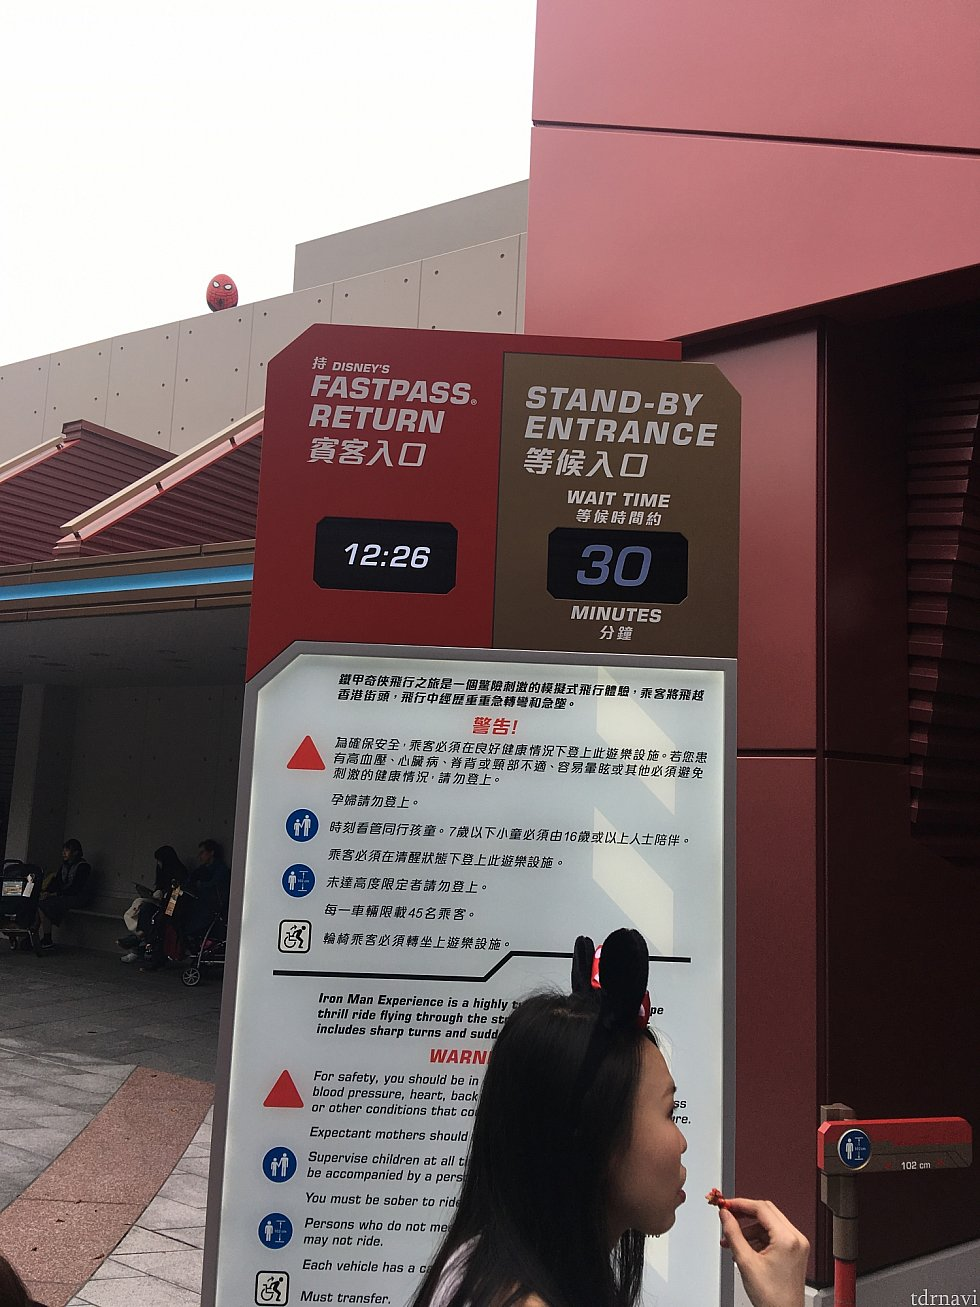 通常でもスタンバイは、30分待ちでした(o^^o)